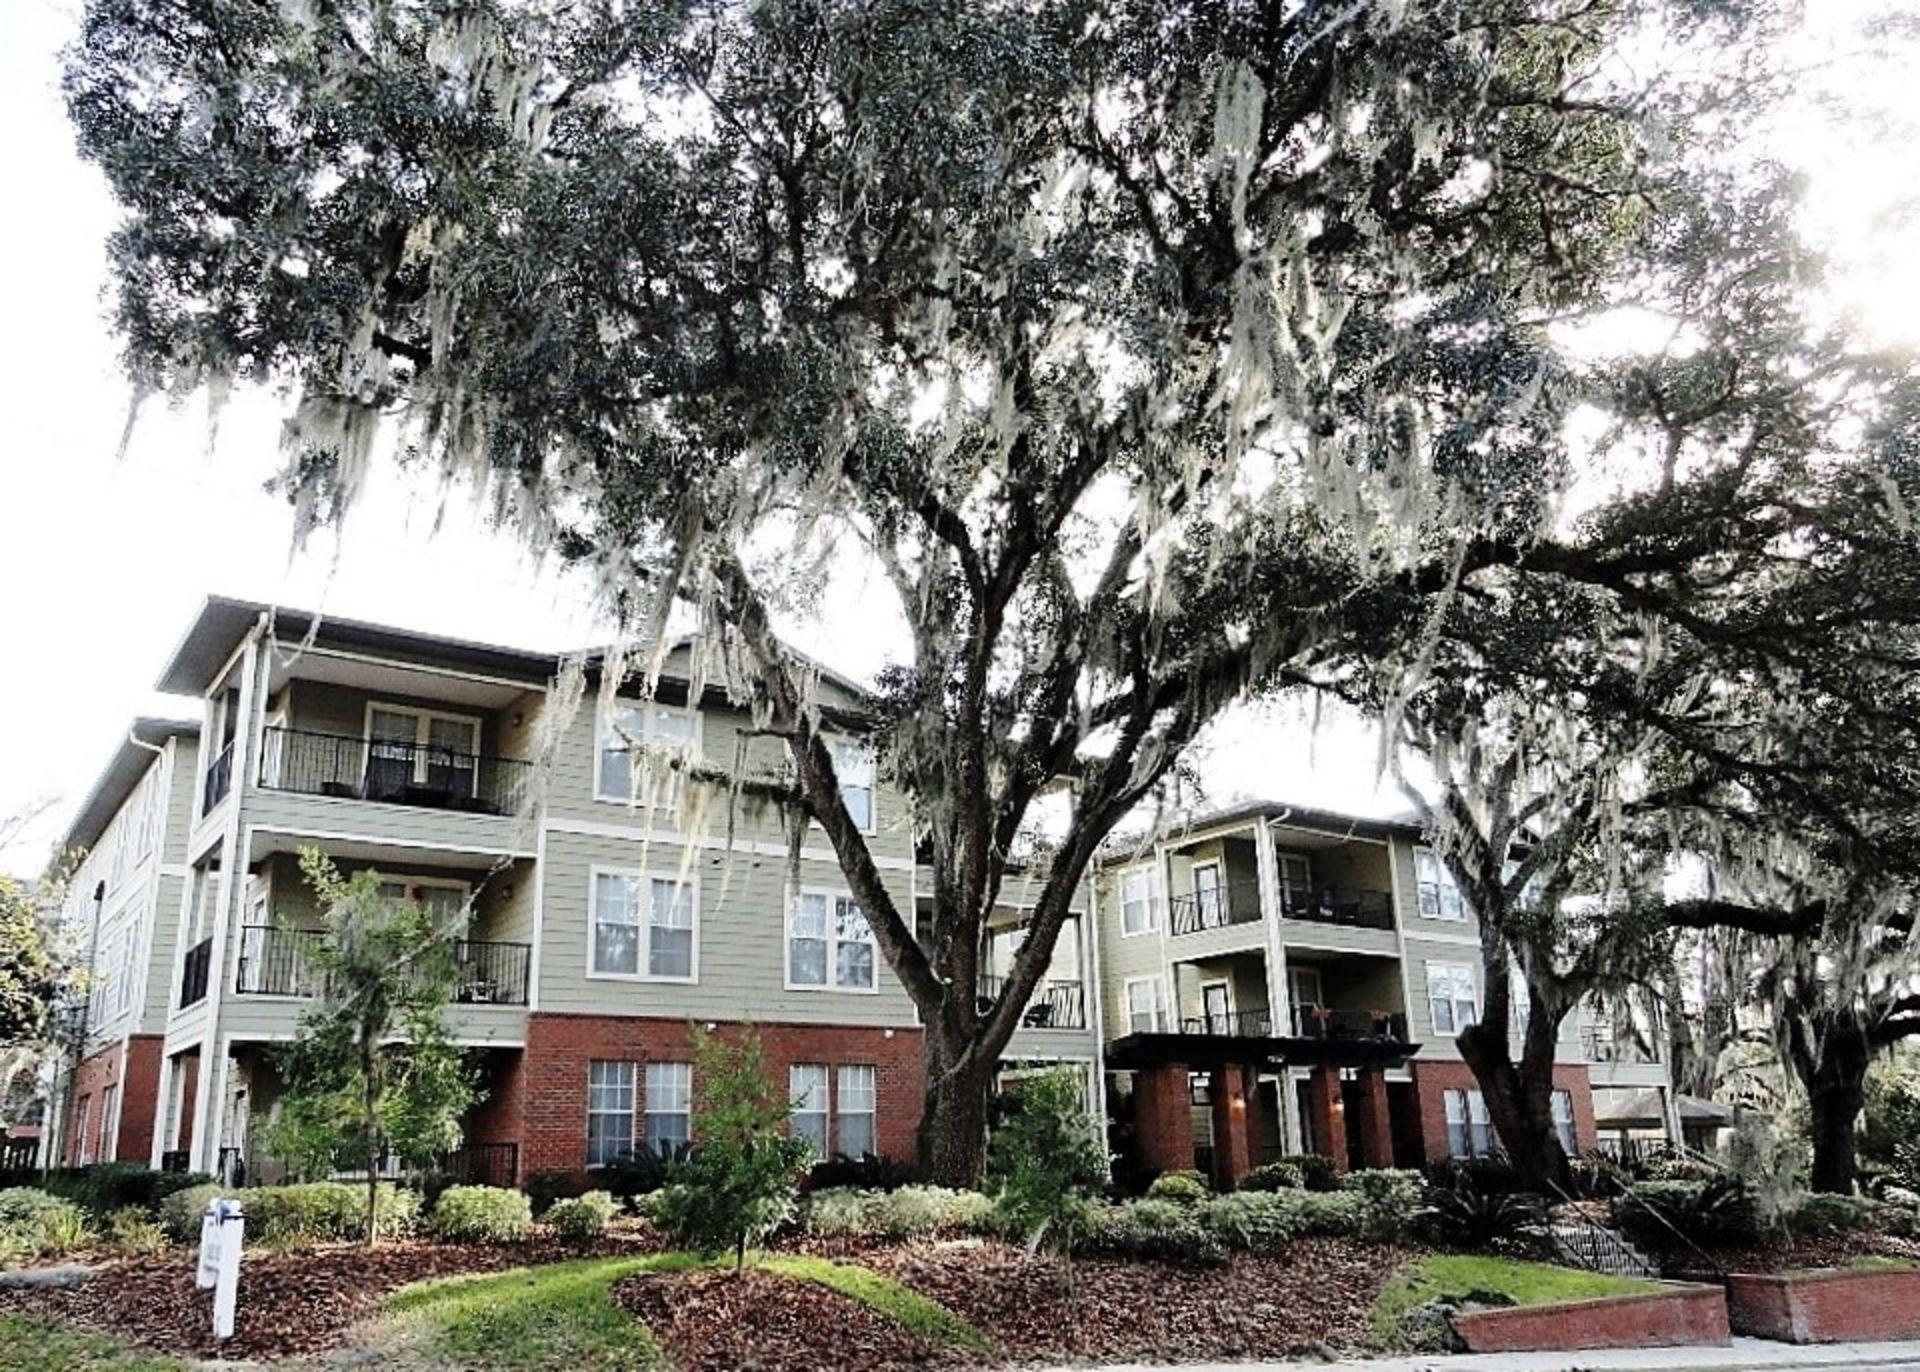 Campus View Condominiums